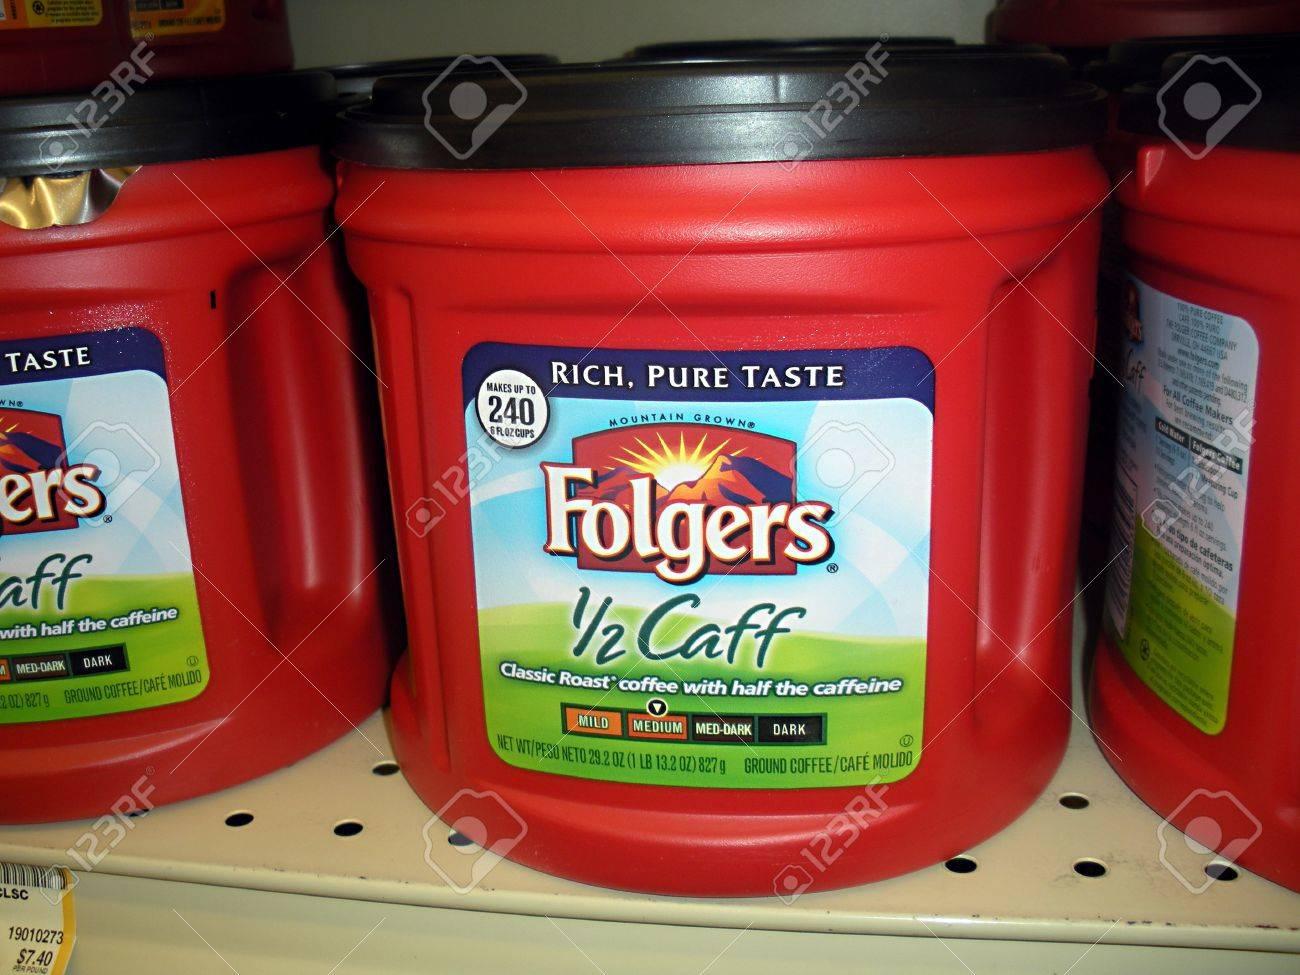 Lewiston Estado de Idaho EE.UU. _ Folger los precios del café bebedor de baja en el mercado de alimentos inocuos manera super 26 de agosto 2011